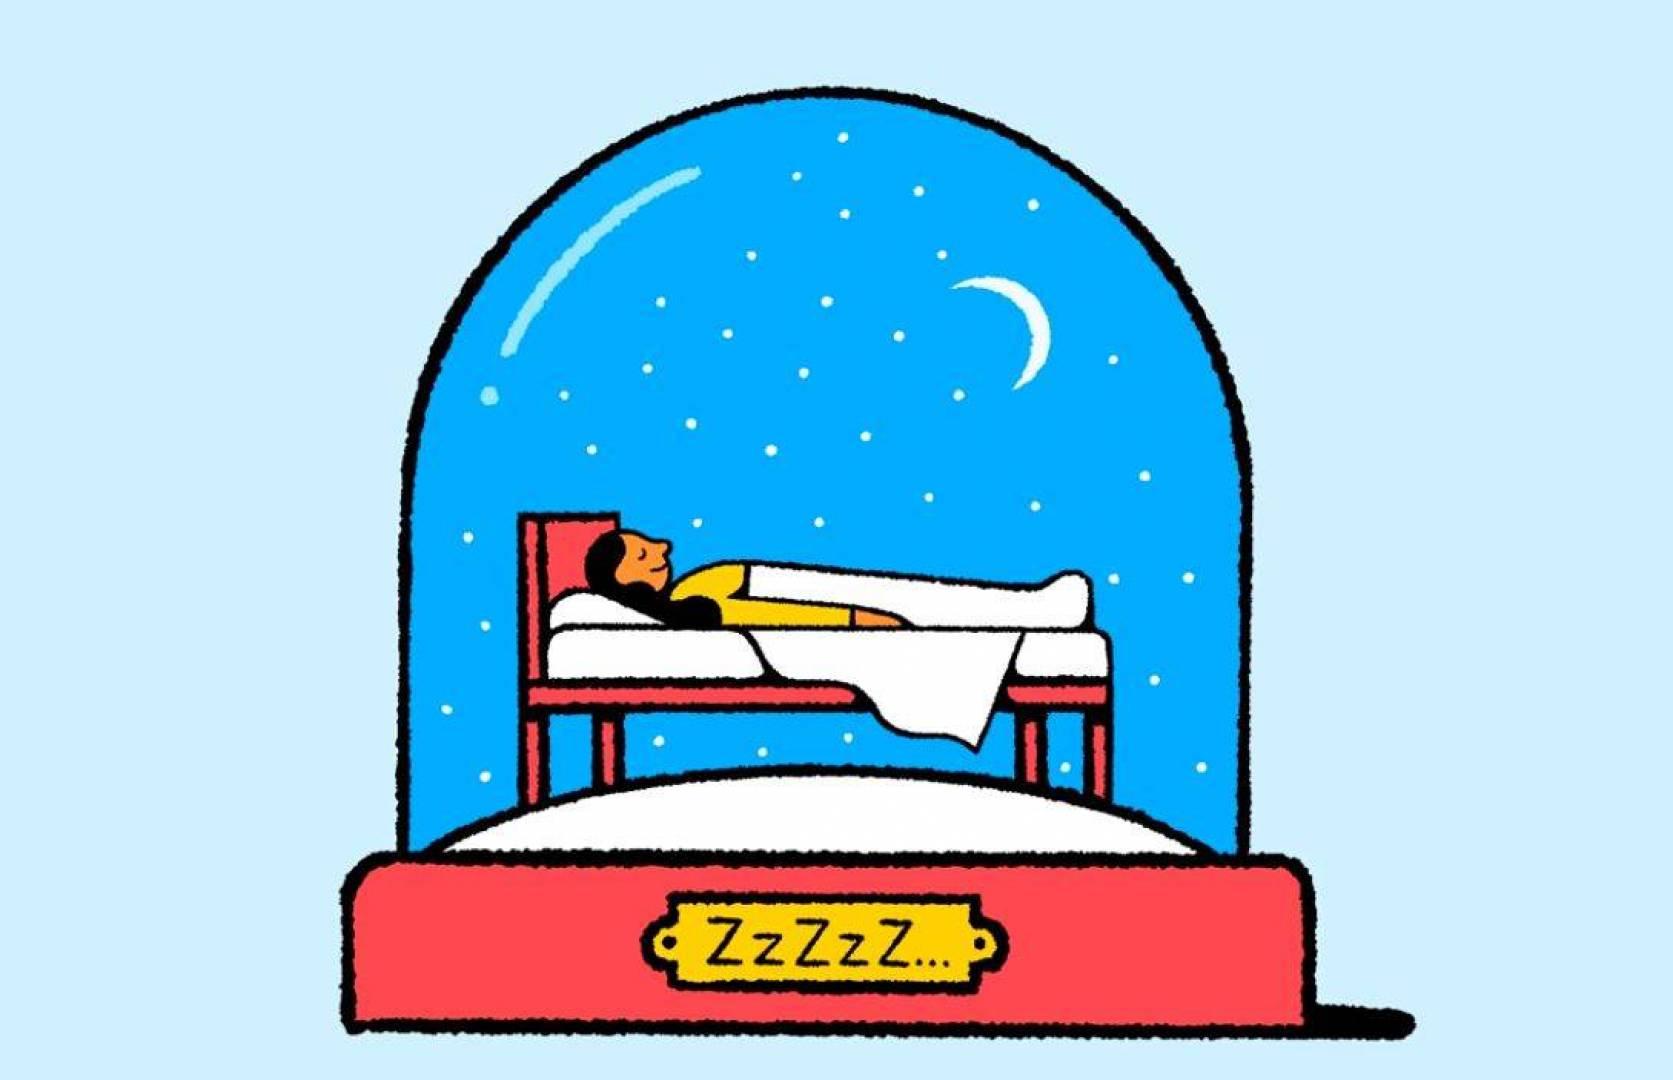 دليلك للحصول على نوم أفضل.. في 2021